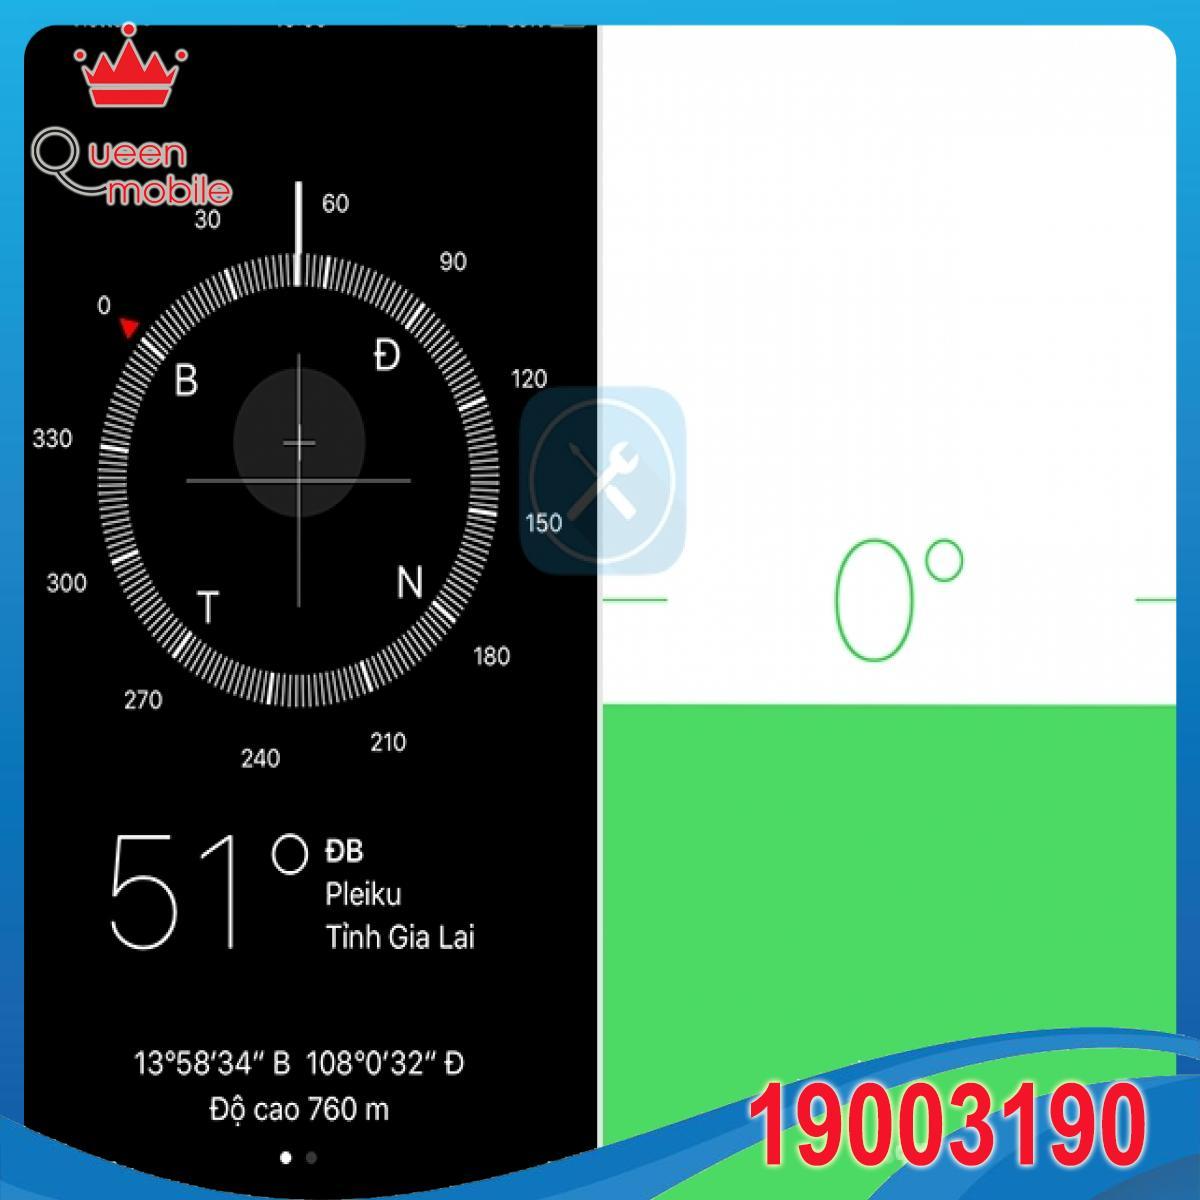 Biến ứng dụng La bàn trên iPhone thành thước đo thăng bằng cực chuẩn